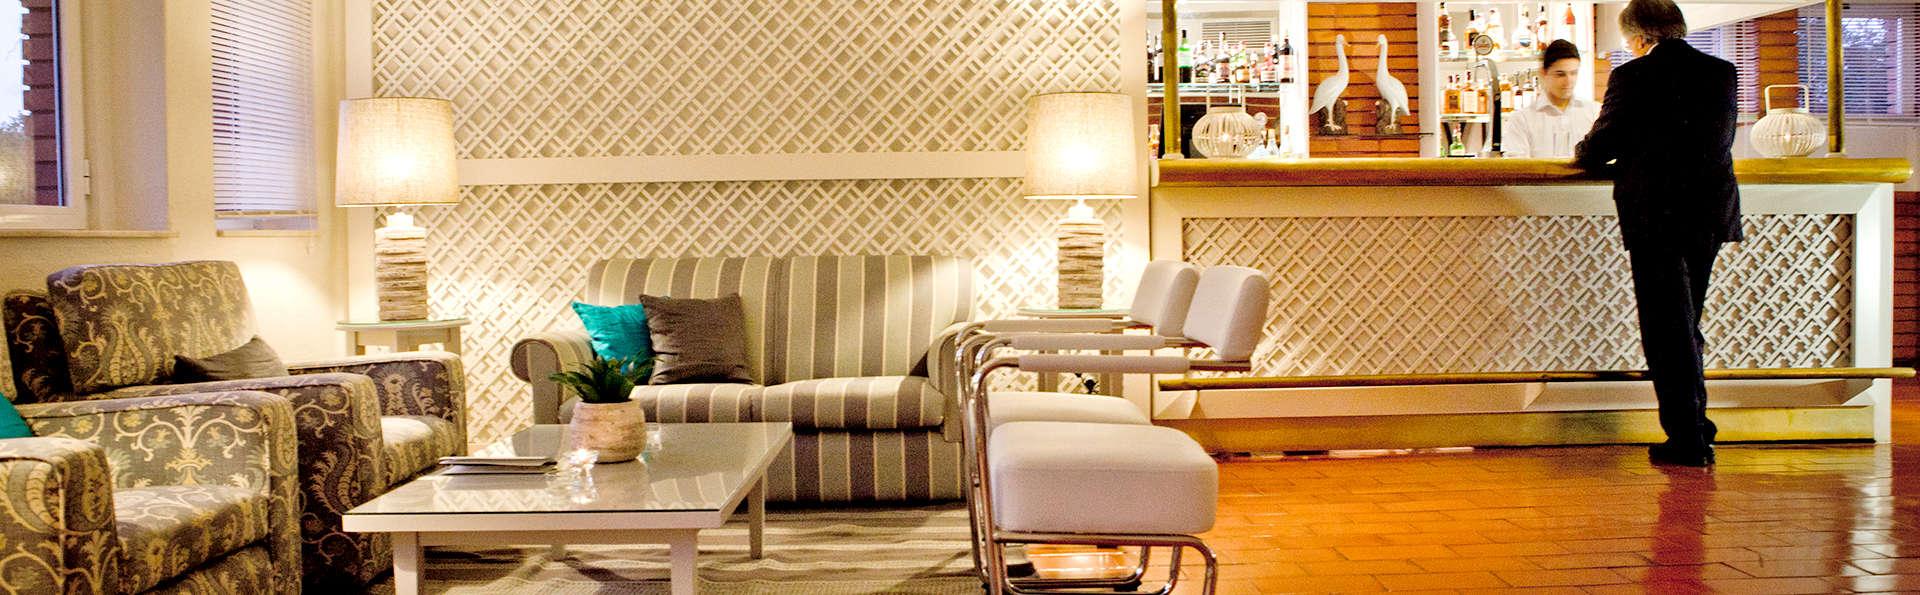 SL Hotel Santa Luzia - Elvas - Edit_Lounge.jpg